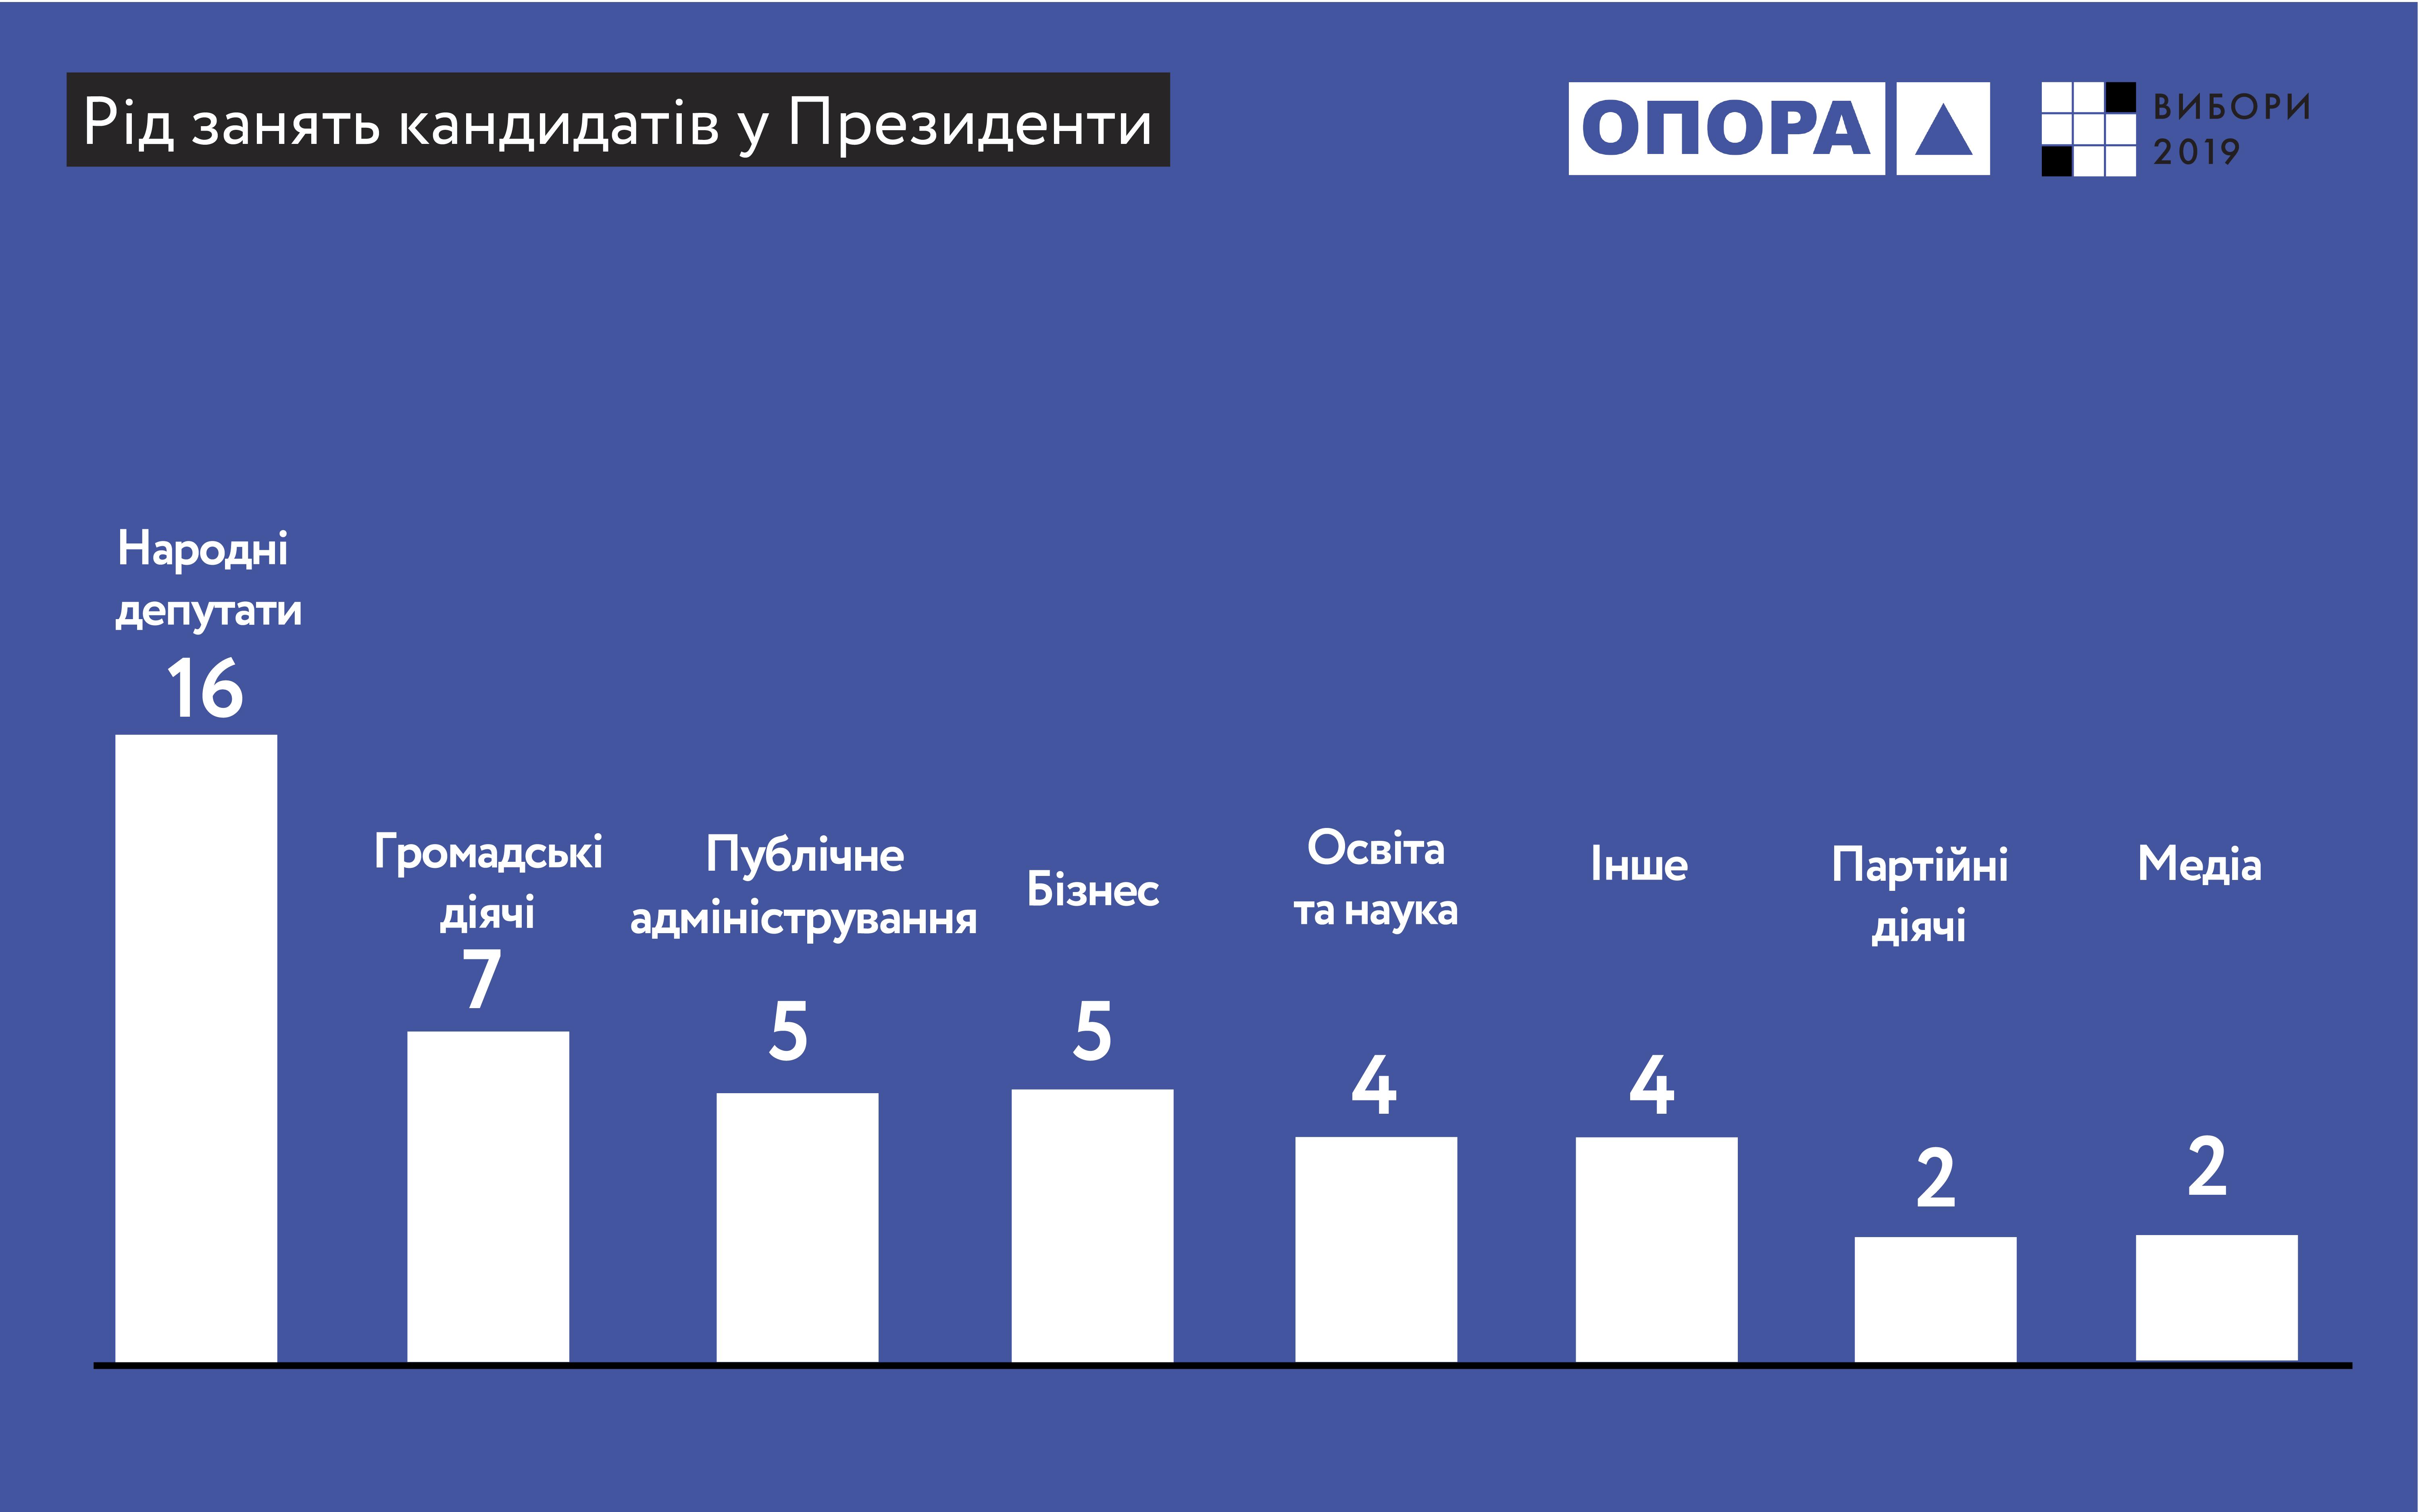 кандидати в президенти України 2019